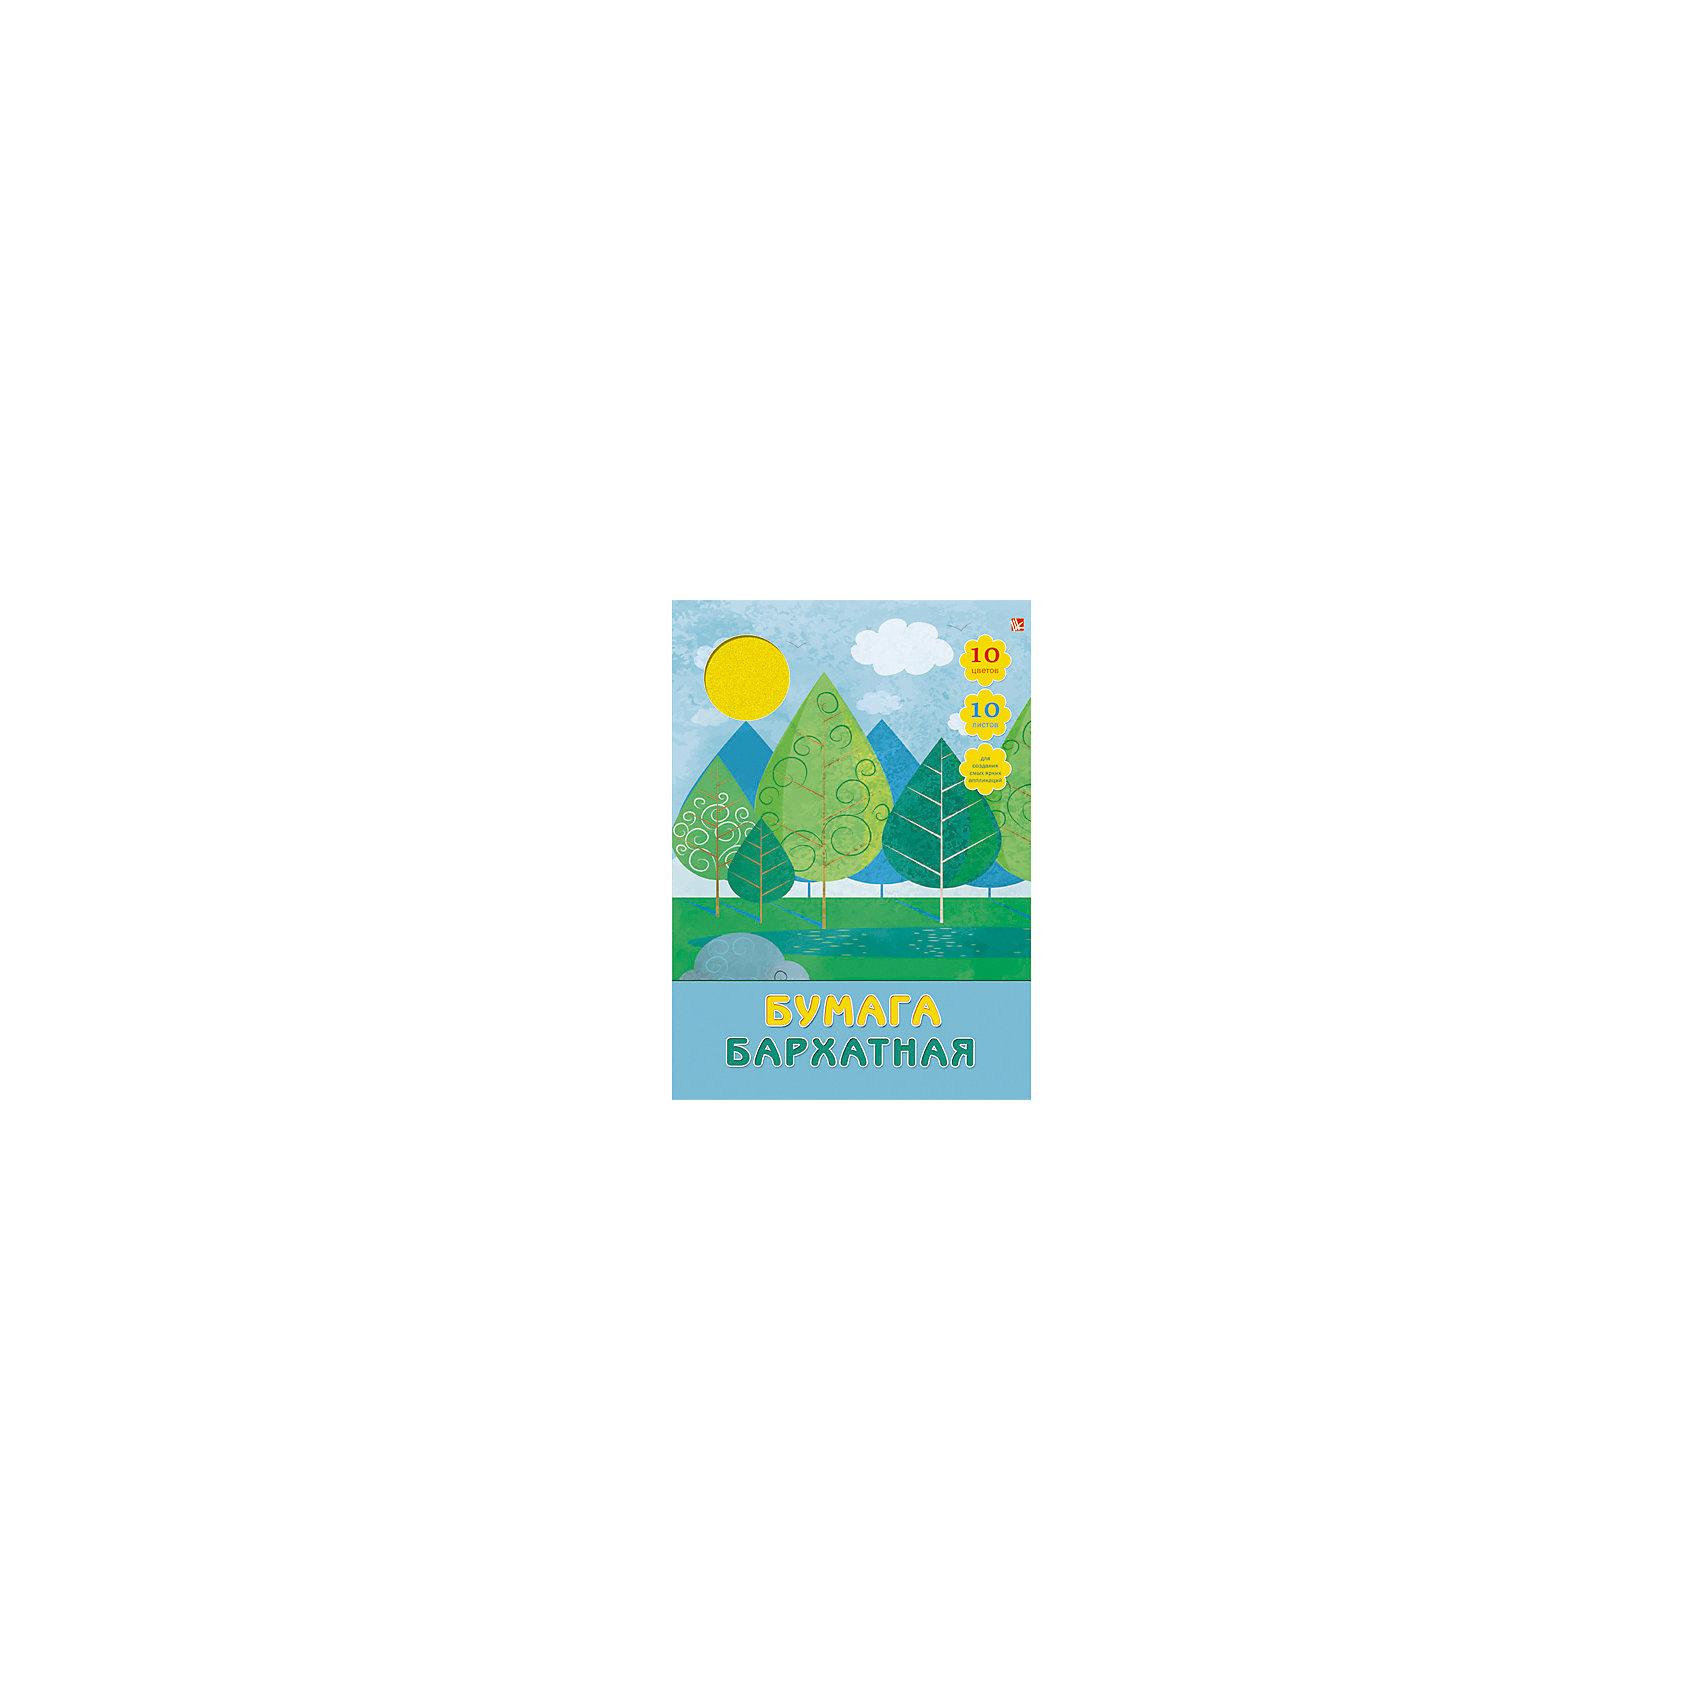 Бархатная бумага Дивный лес, 10л, 10цвБархатная бумага Дивный лес. <br>В папке 10 листов, 10 различных цветов. Эта бумага станет лучшим помощников в создании ярких и необычных аппликаций и поделок!<br><br>Дополнительная информация:<br>Обложка: картон<br>Количество листов: 10(разноцветные)<br>Формат: А4<br>Бархатную бумагу Дивный лес вы можете приобрести в нашем интернет-магазине.<br><br>Ширина мм: 280<br>Глубина мм: 200<br>Высота мм: 7<br>Вес г: 124<br>Возраст от месяцев: 72<br>Возраст до месяцев: 2147483647<br>Пол: Унисекс<br>Возраст: Детский<br>SKU: 4942474